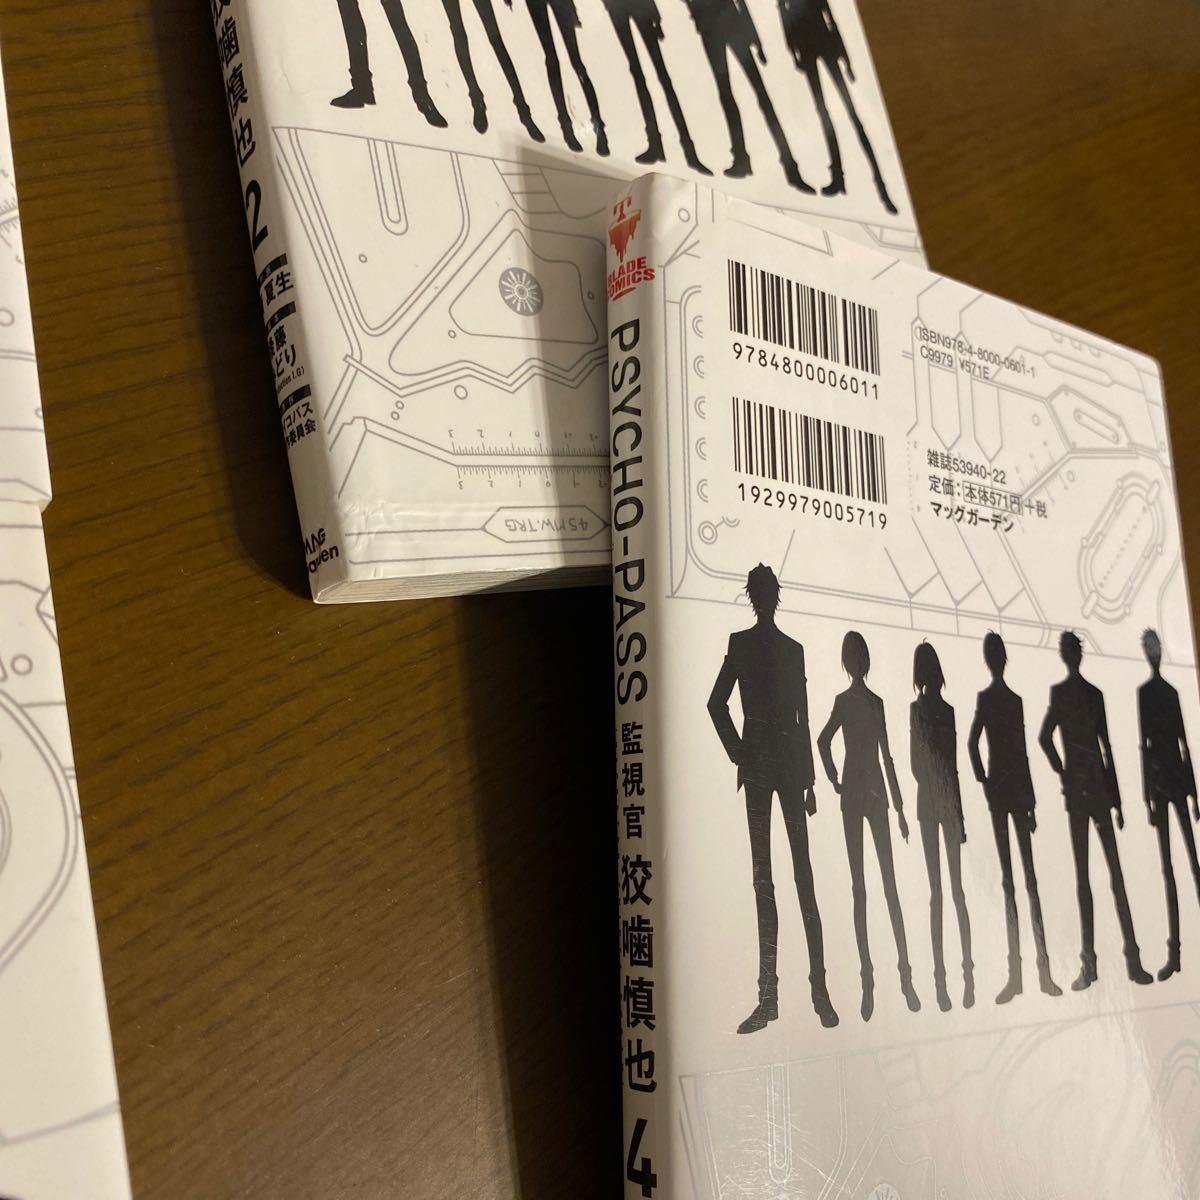 全巻初版 PSYCHO-PASS監視官狡噛慎也 1〜4巻 4冊 斎夏生 サイコパス ノイタミナ